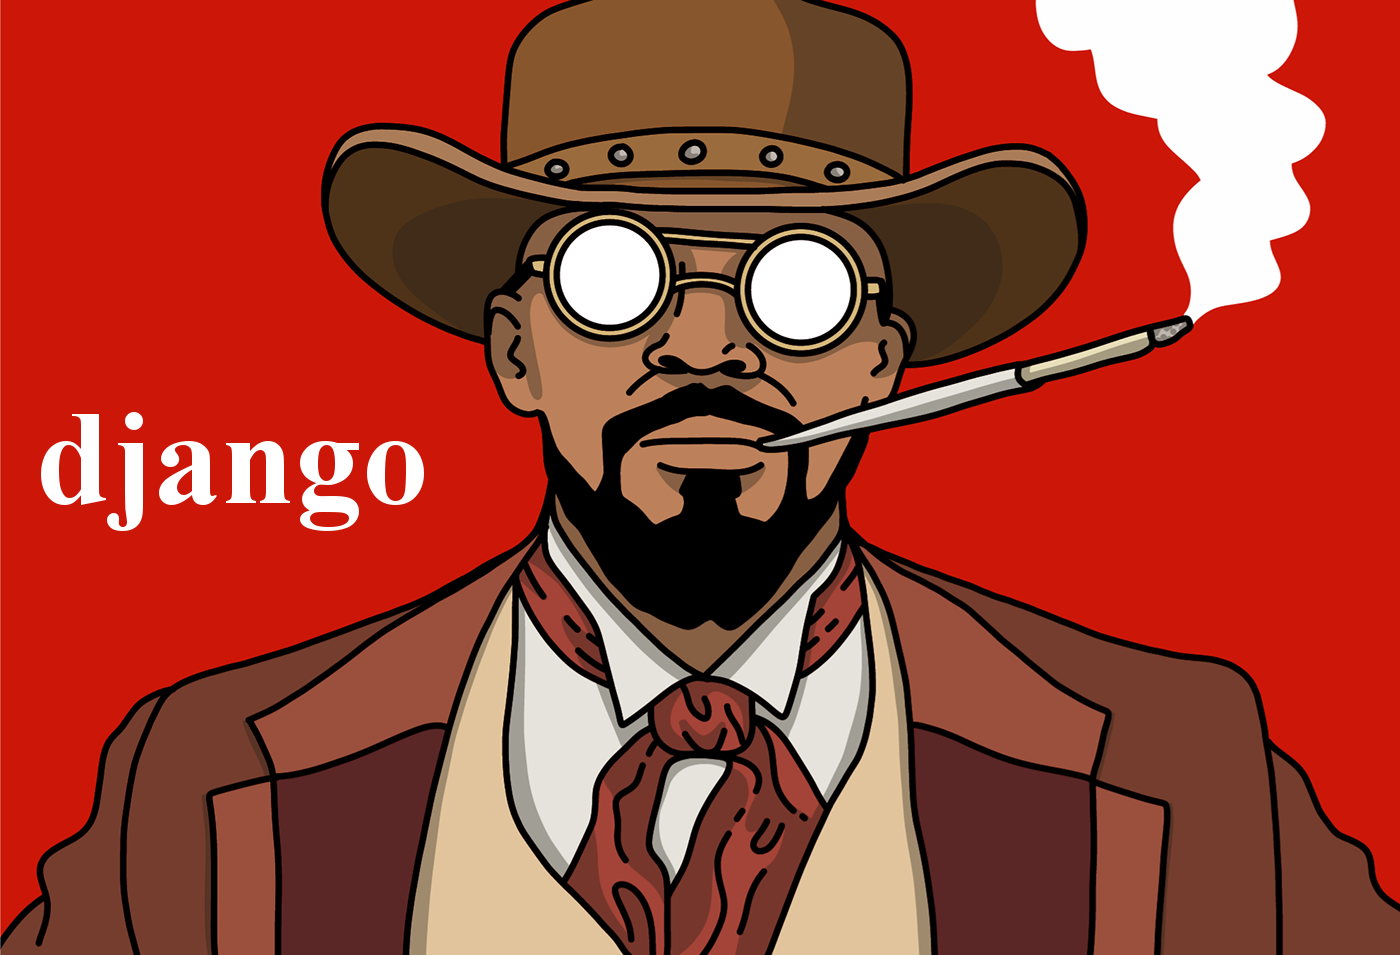 10 полезных советов для начинающих изучать Django - 1